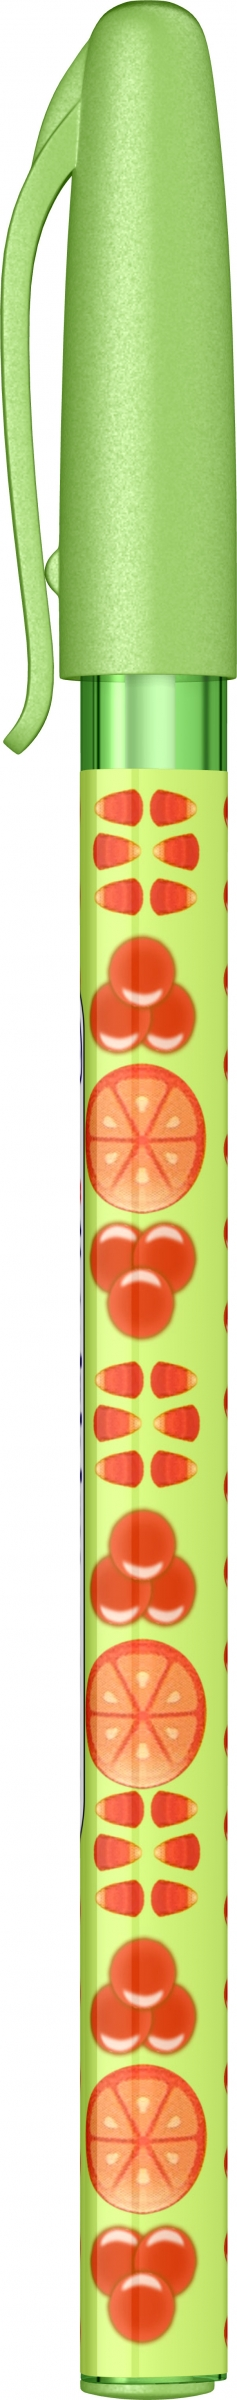 Light Green Candy Pop-429